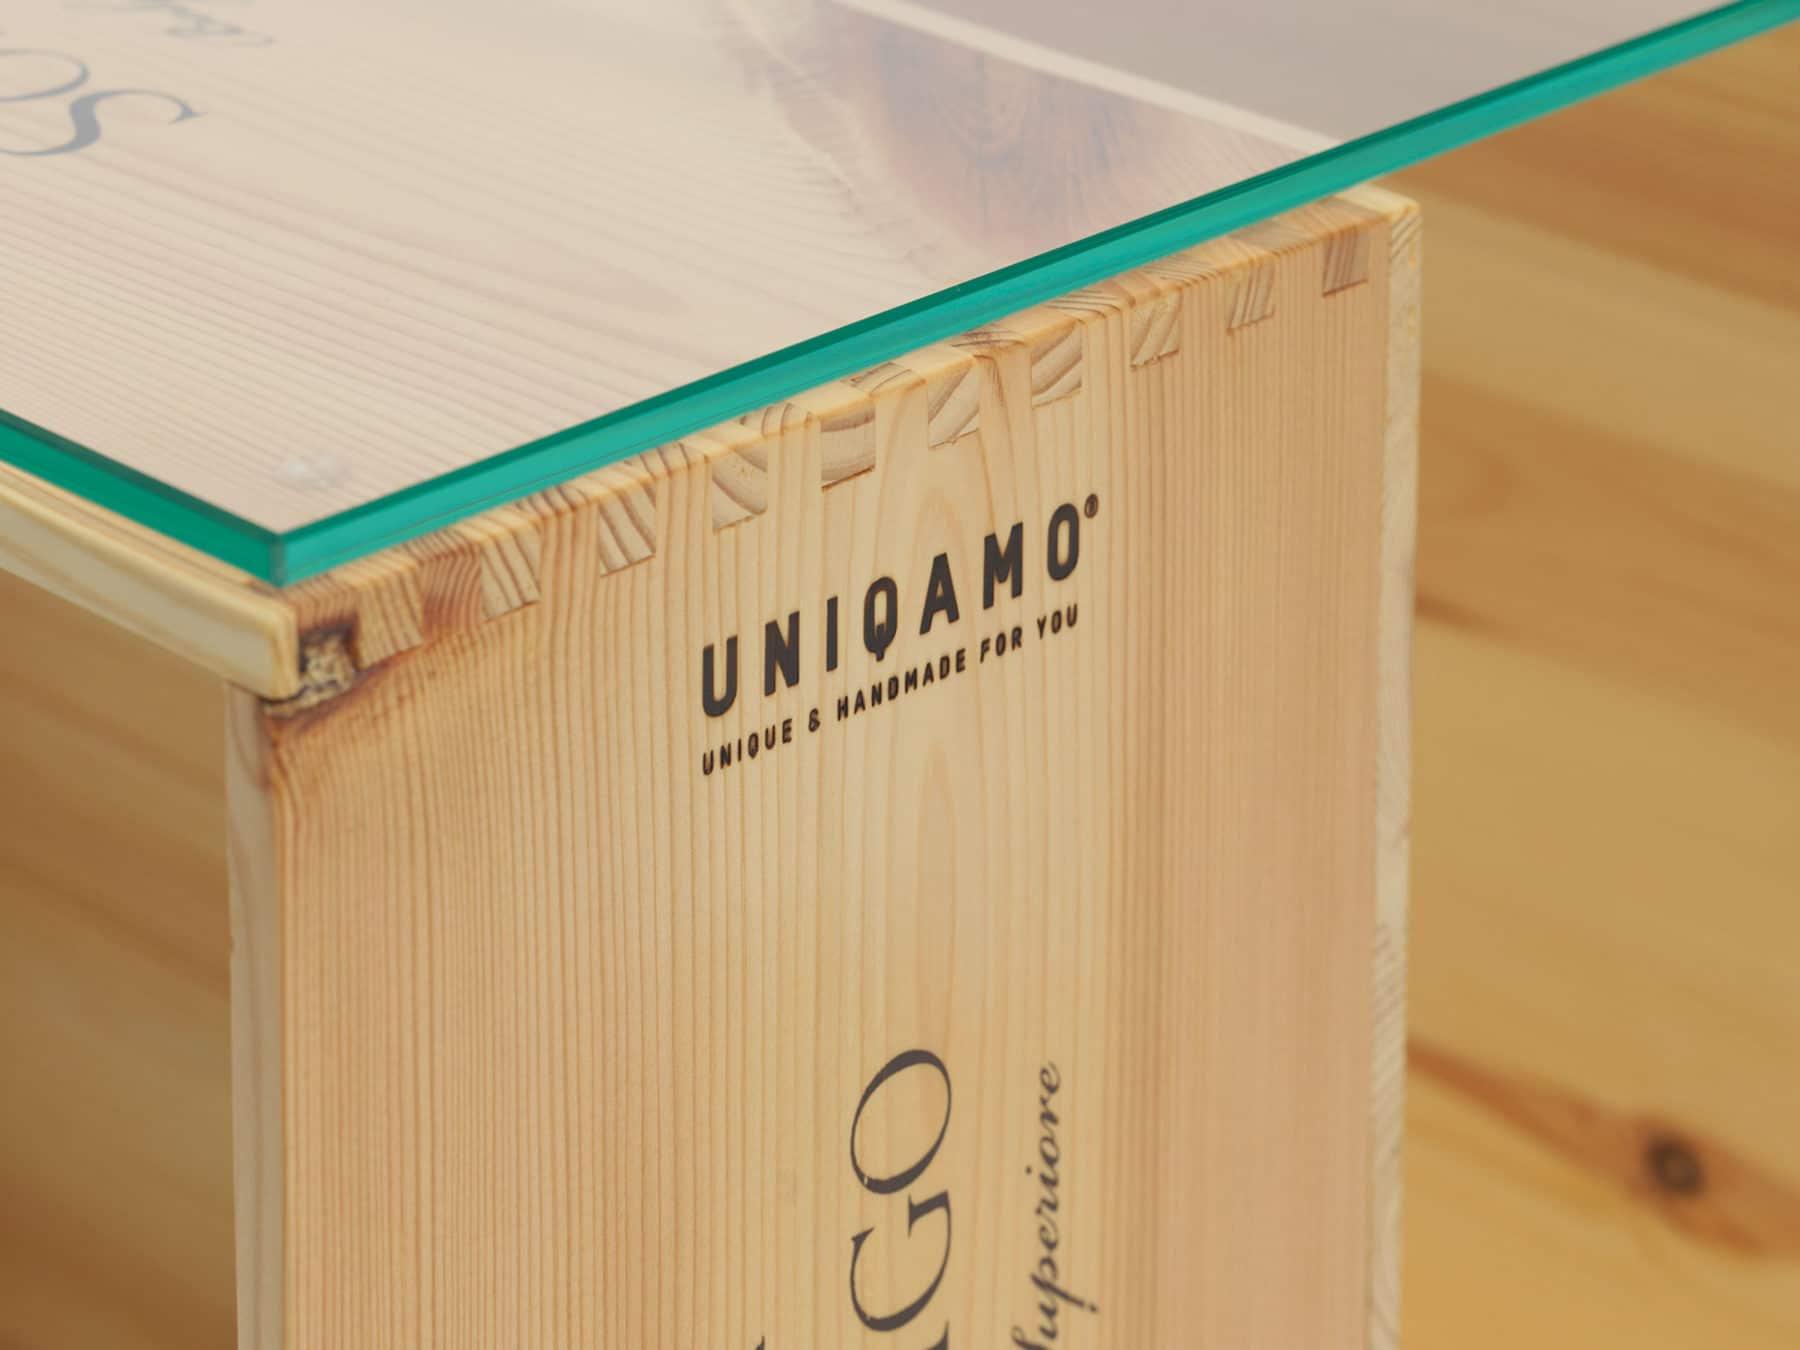 Uniqamo Beistelltisch Rollen Classic 6 gebrauchte Weinkisten Upcycling3